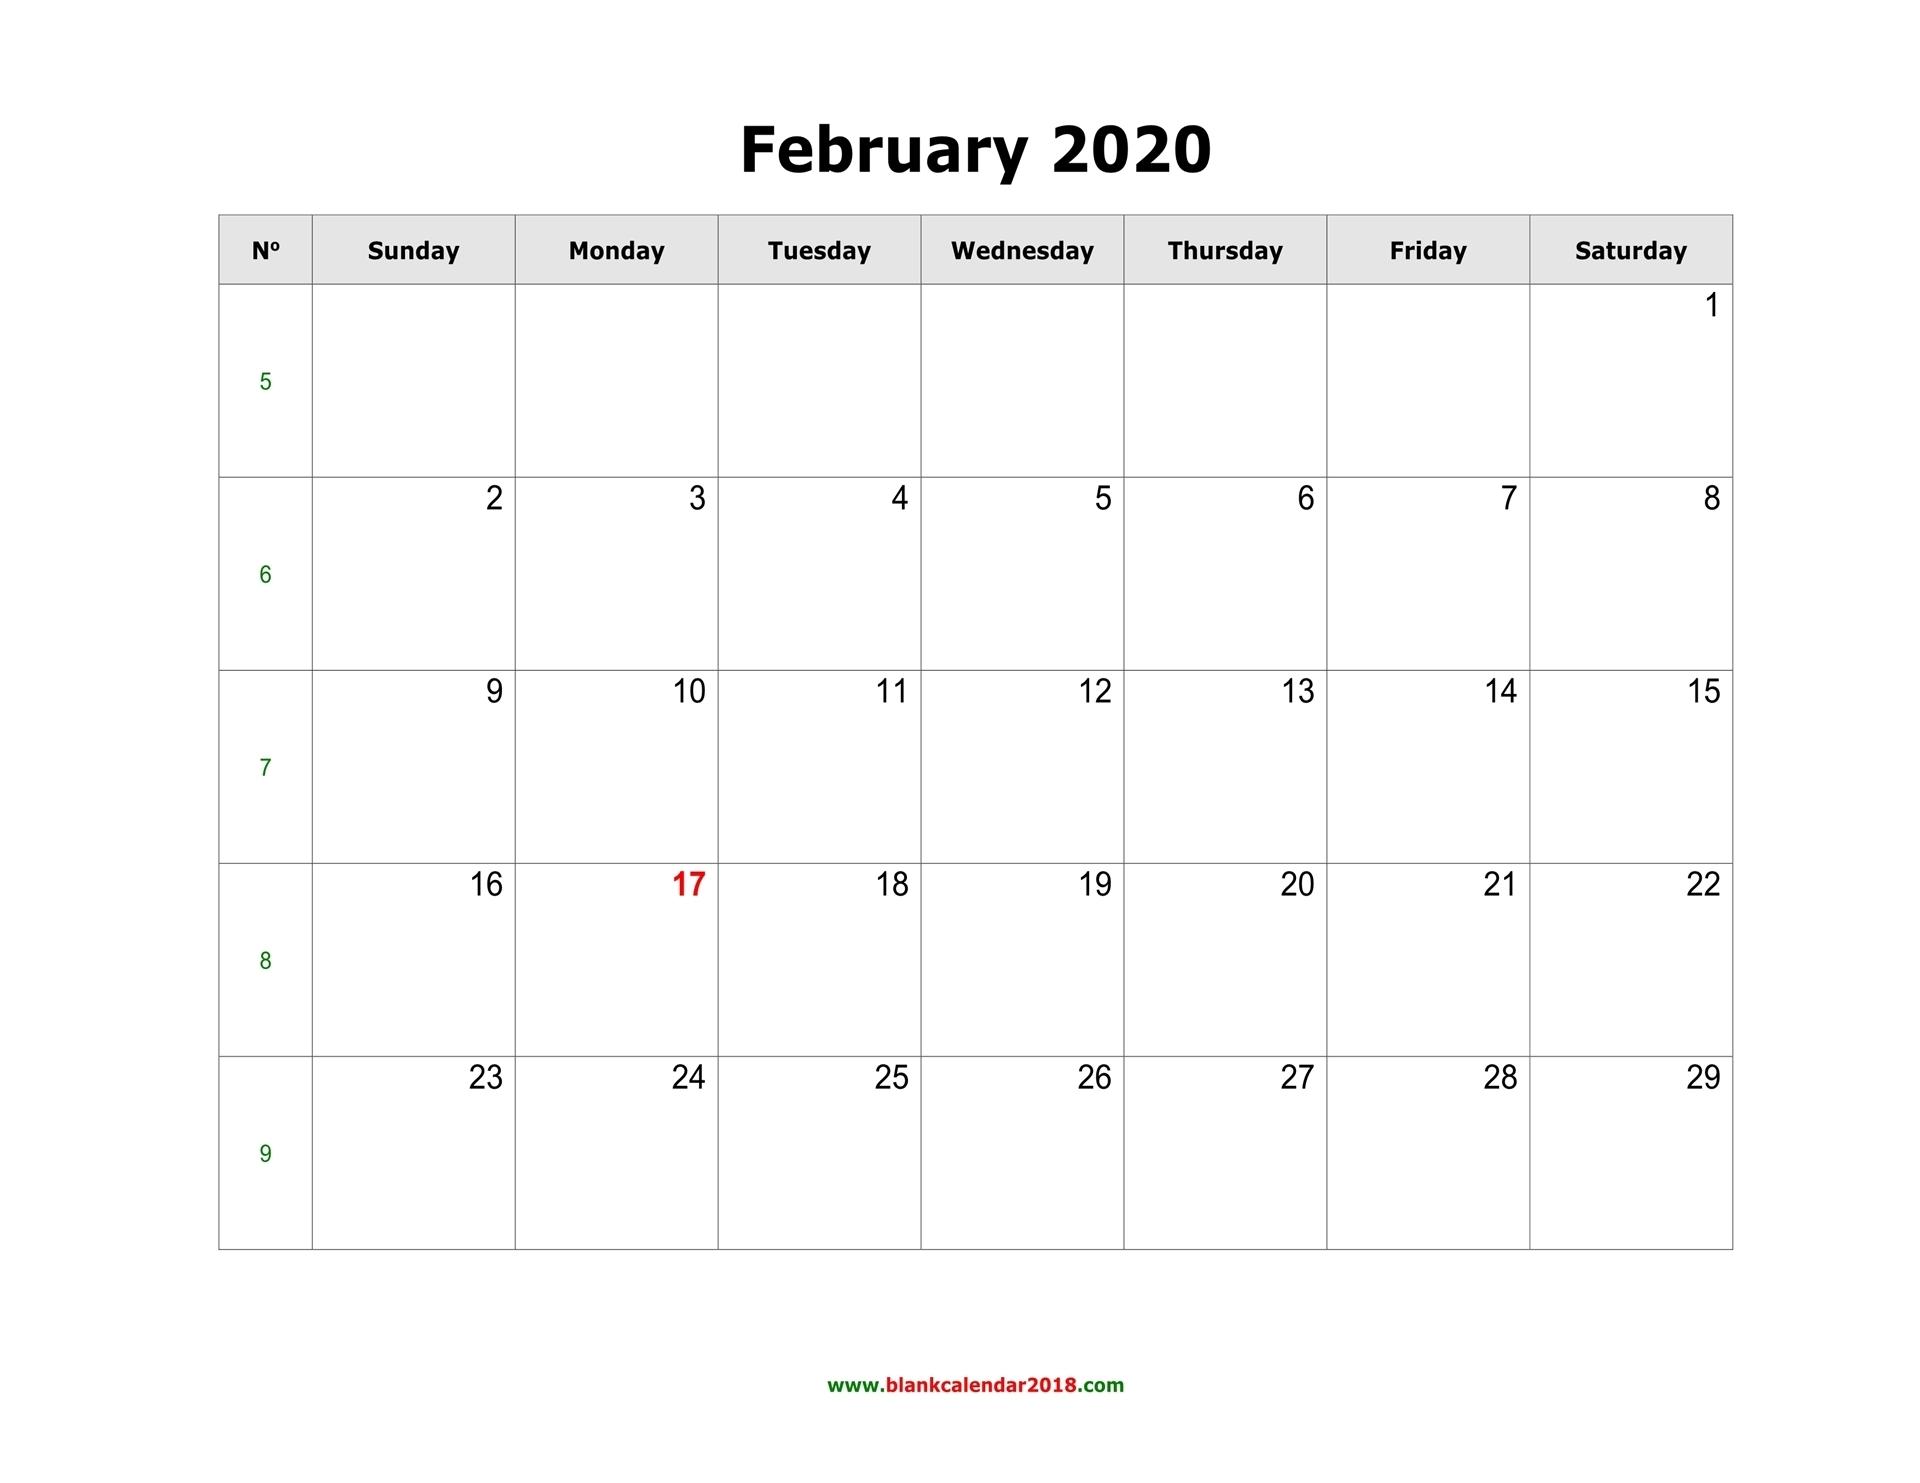 Blank Calendar For February 2020